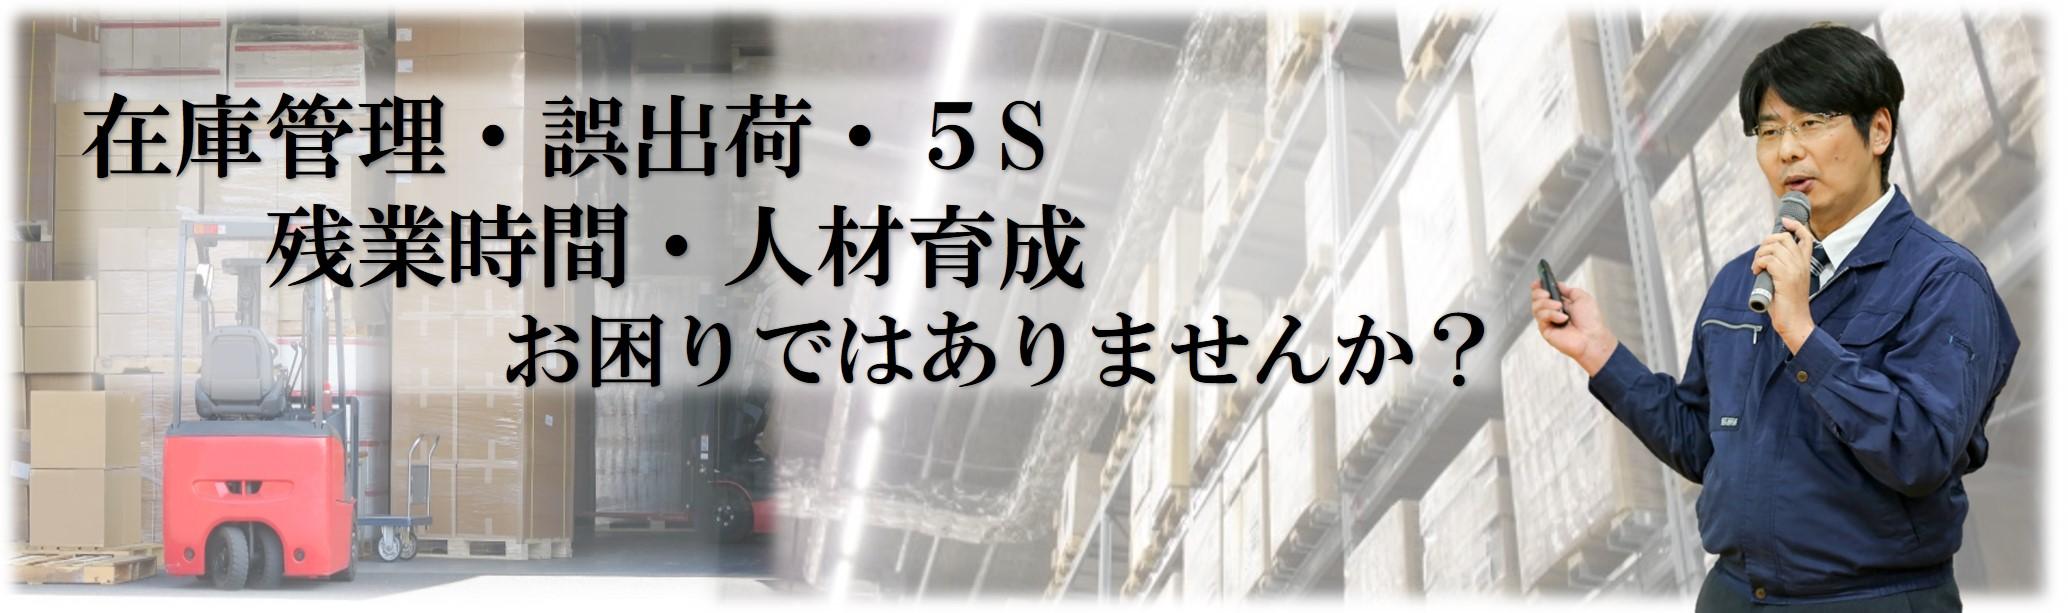 在庫管理・誤出荷・5S・残業時間・人材育成、お困りではありませんか?